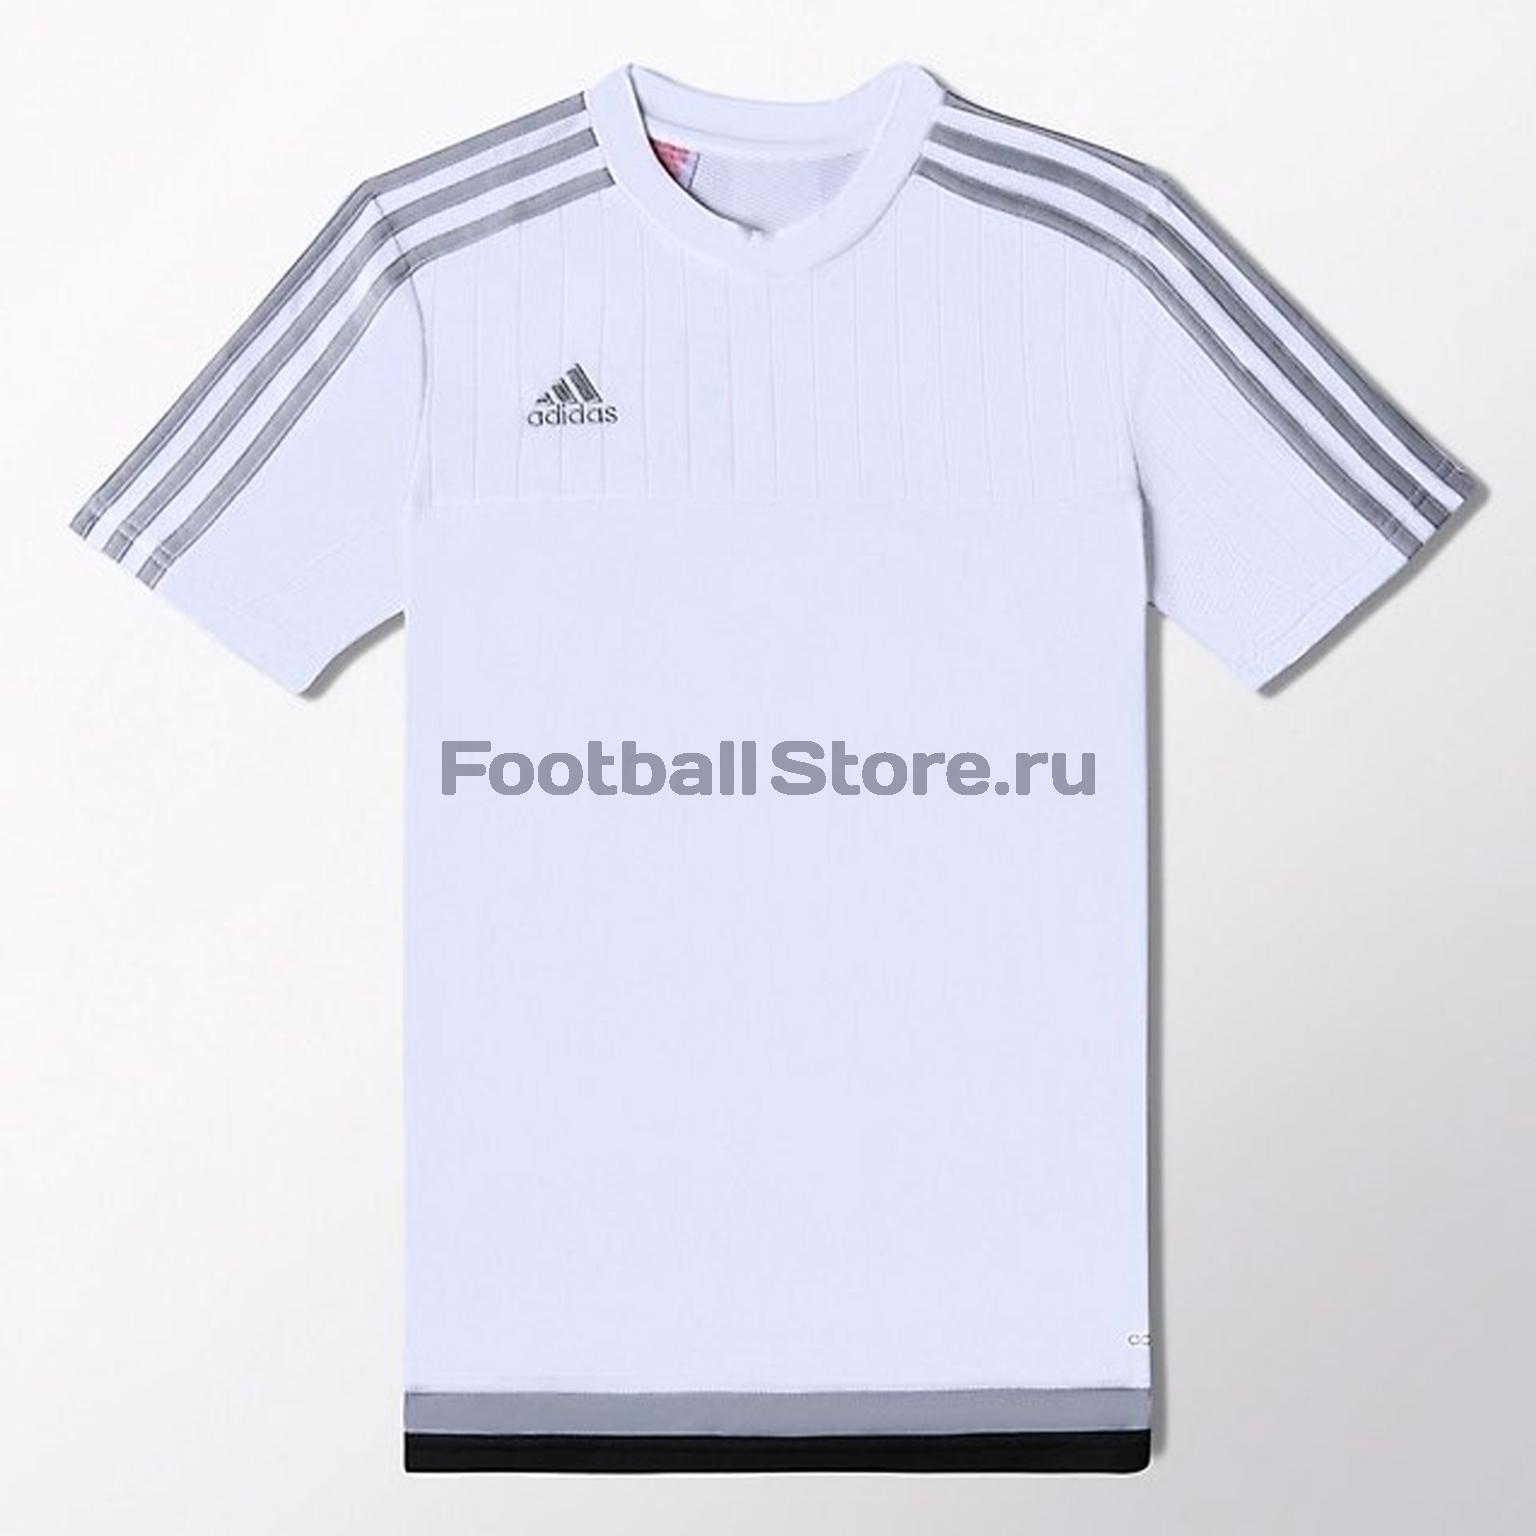 Футболка тренировочная Adidas Tiro15 TRG JS Y S22314